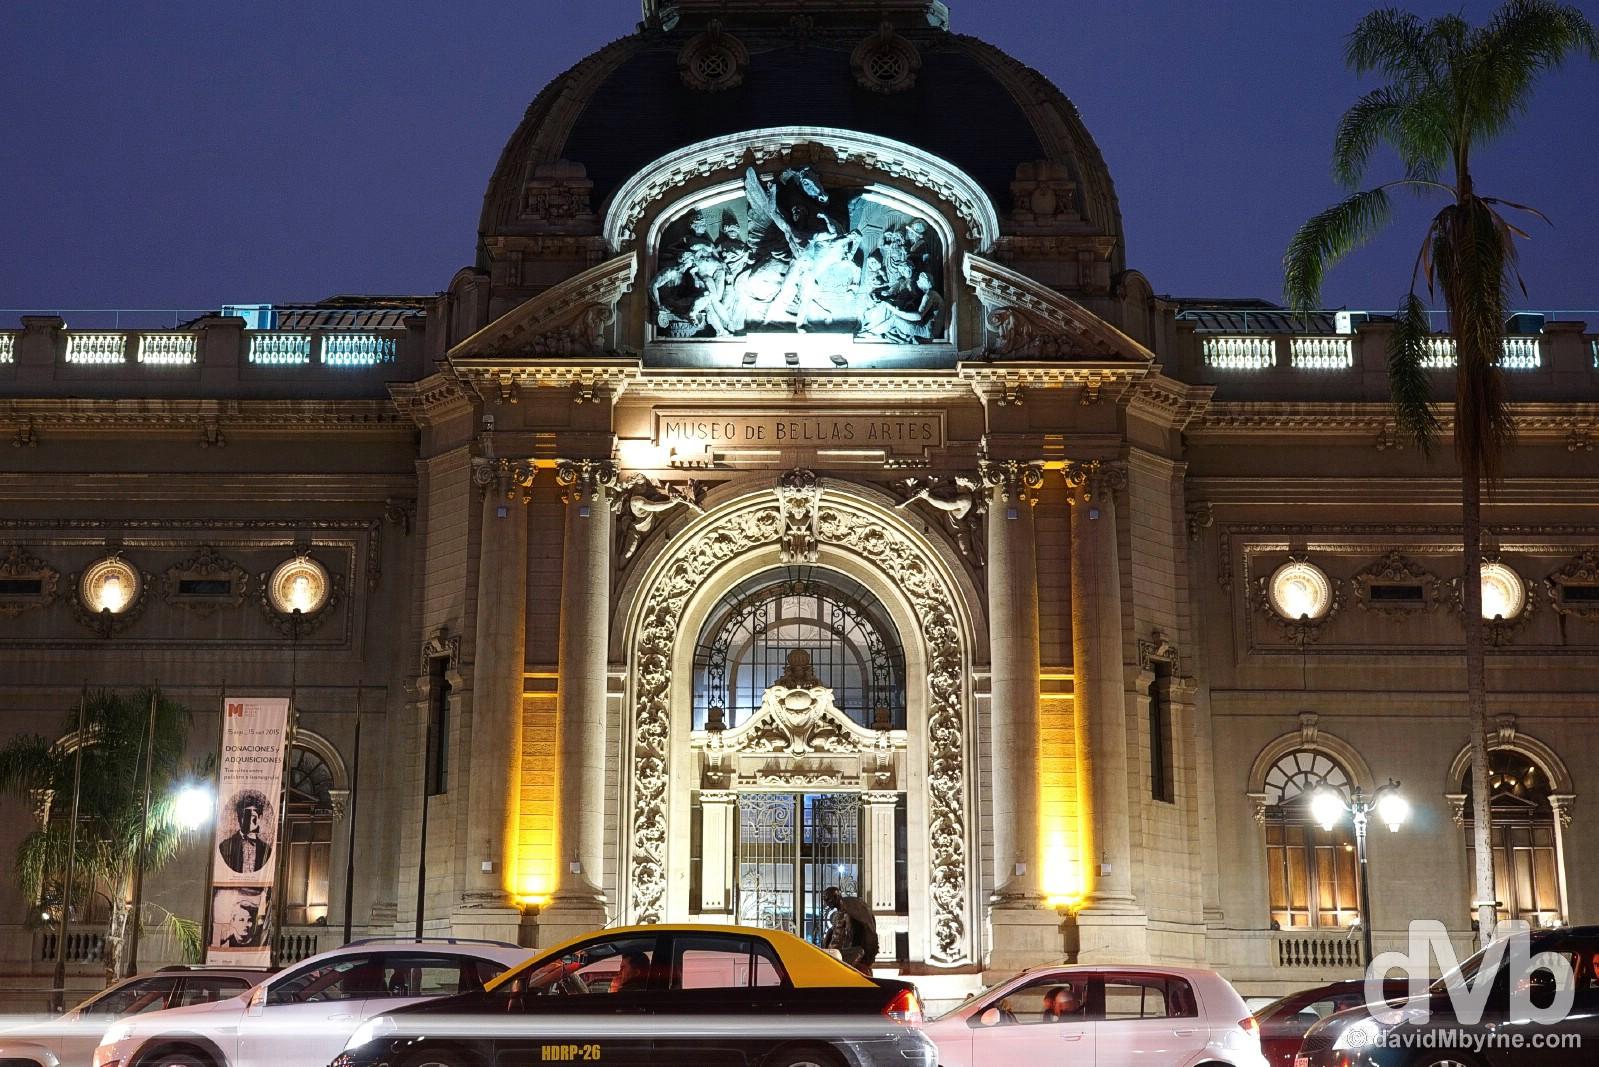 Museo Nacional de Belle Artes in Santiago, Chile. October 5, 2015.